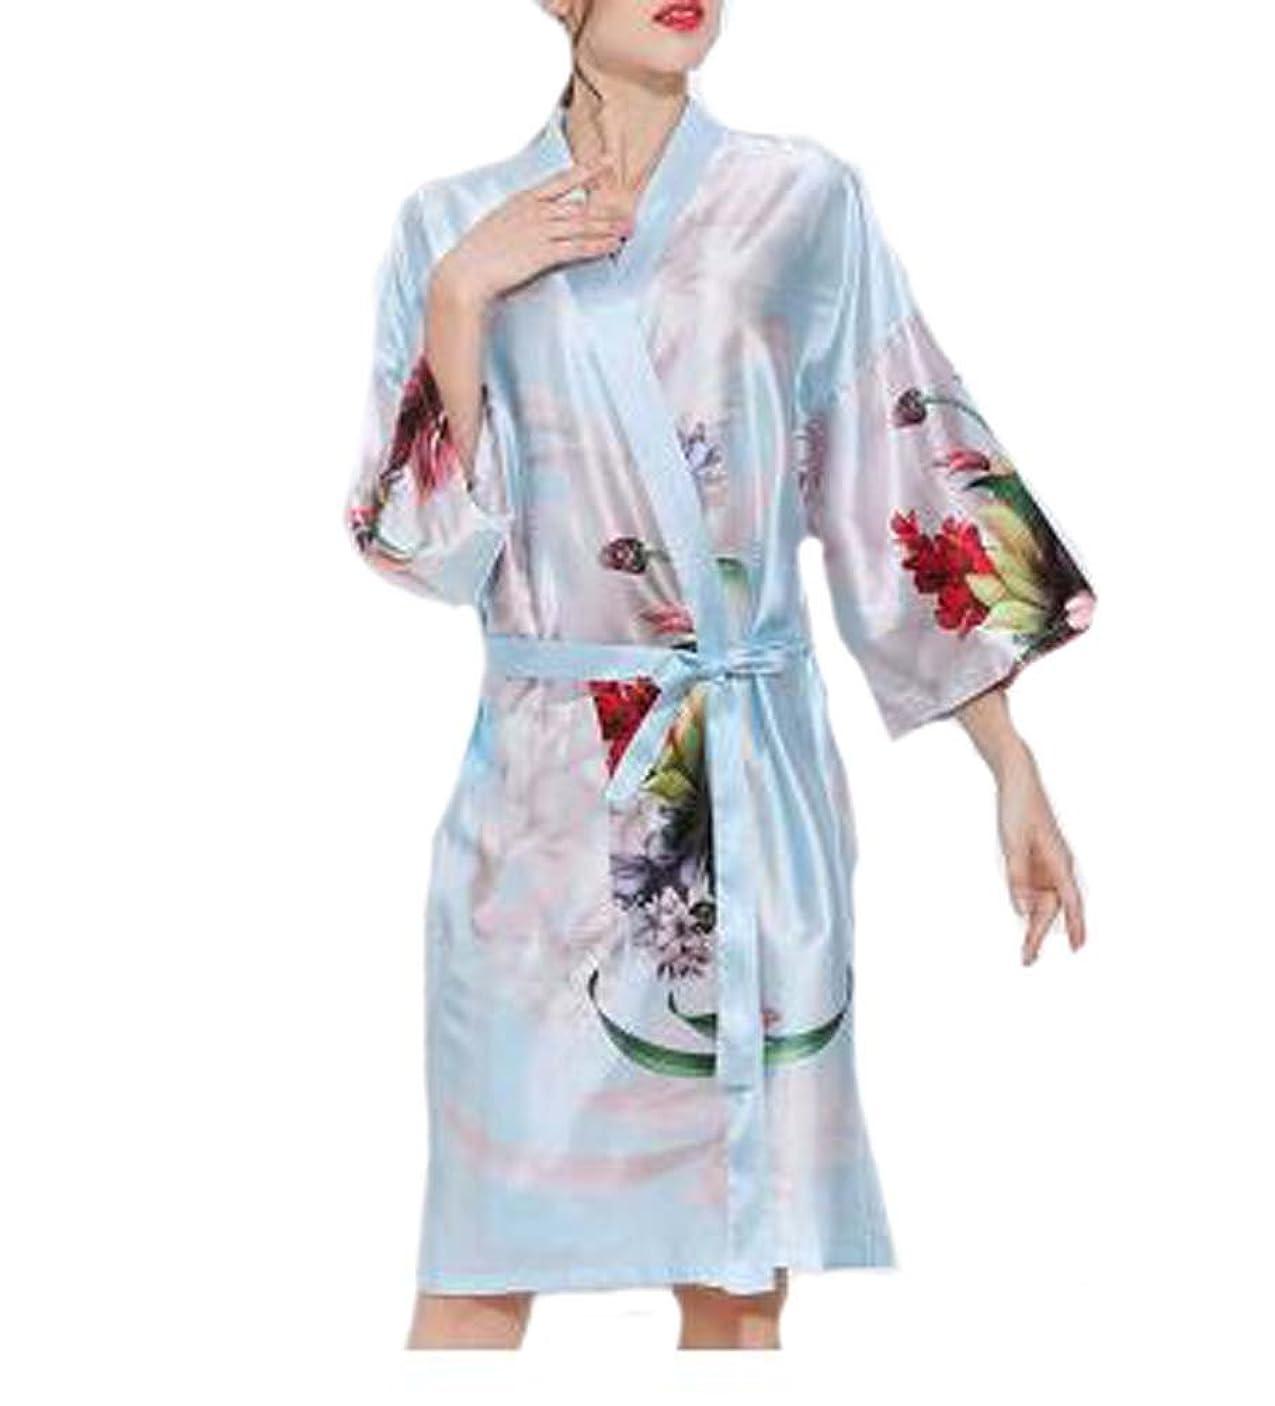 応じる早める手順レトロスタイルの美容院の花嫁衣装のドレス、顧客のための美しいガウン、青